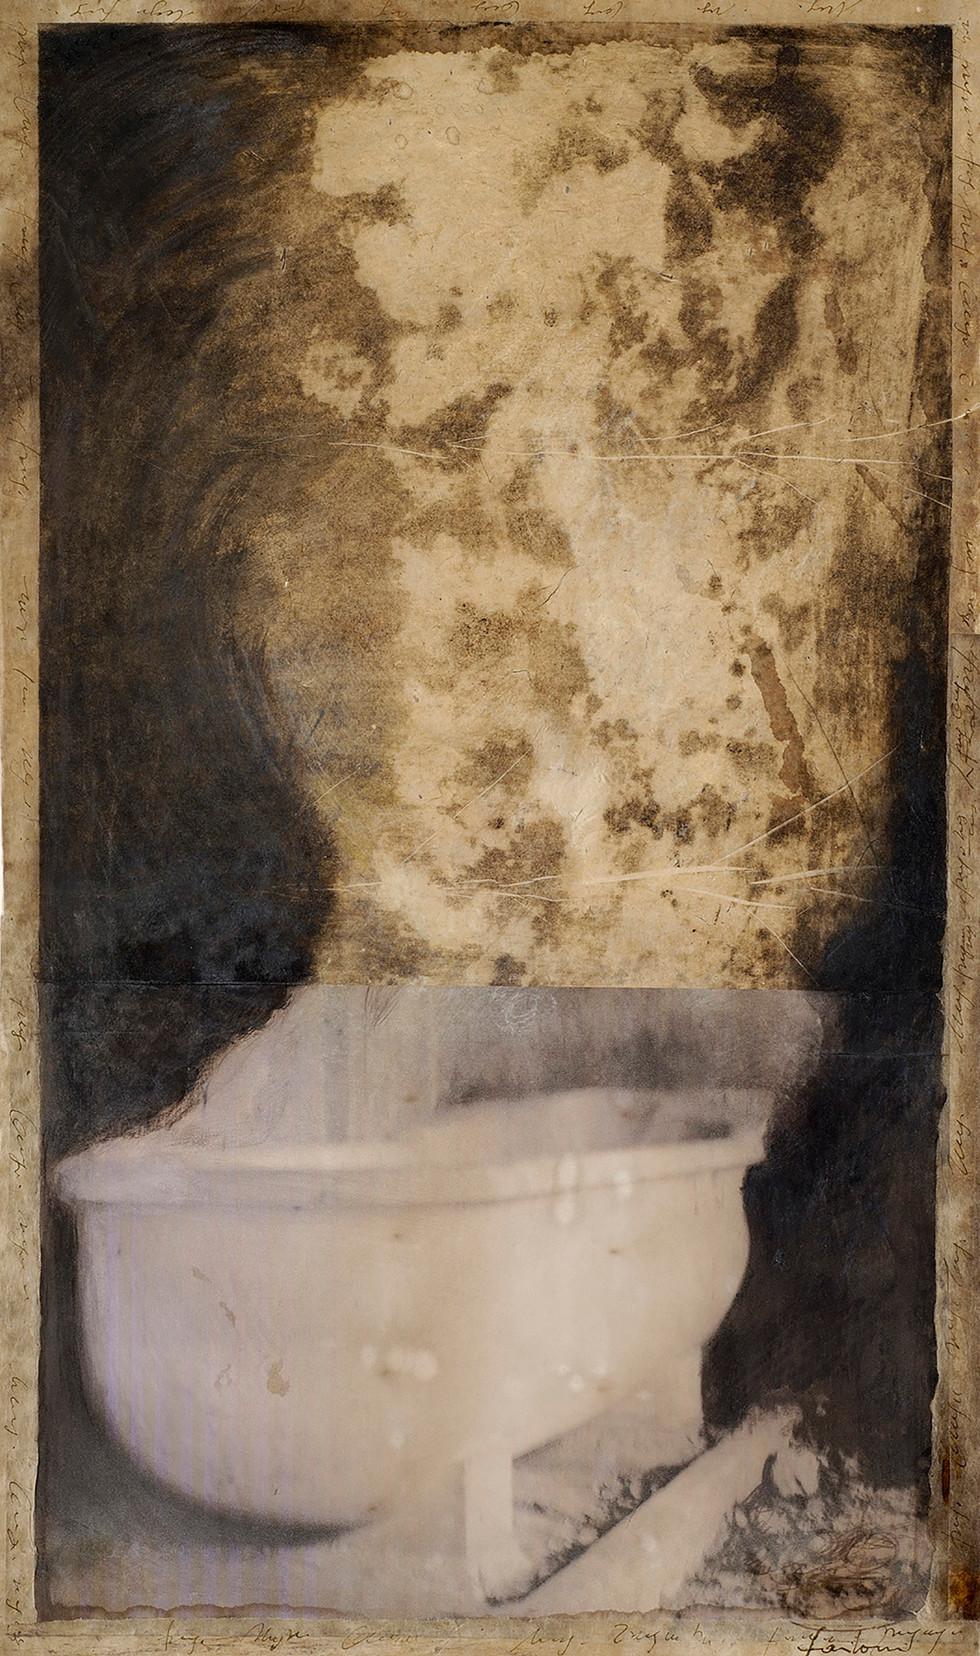 Senza titolo, 2006, tecnica mista su carta, cm 73 x 43